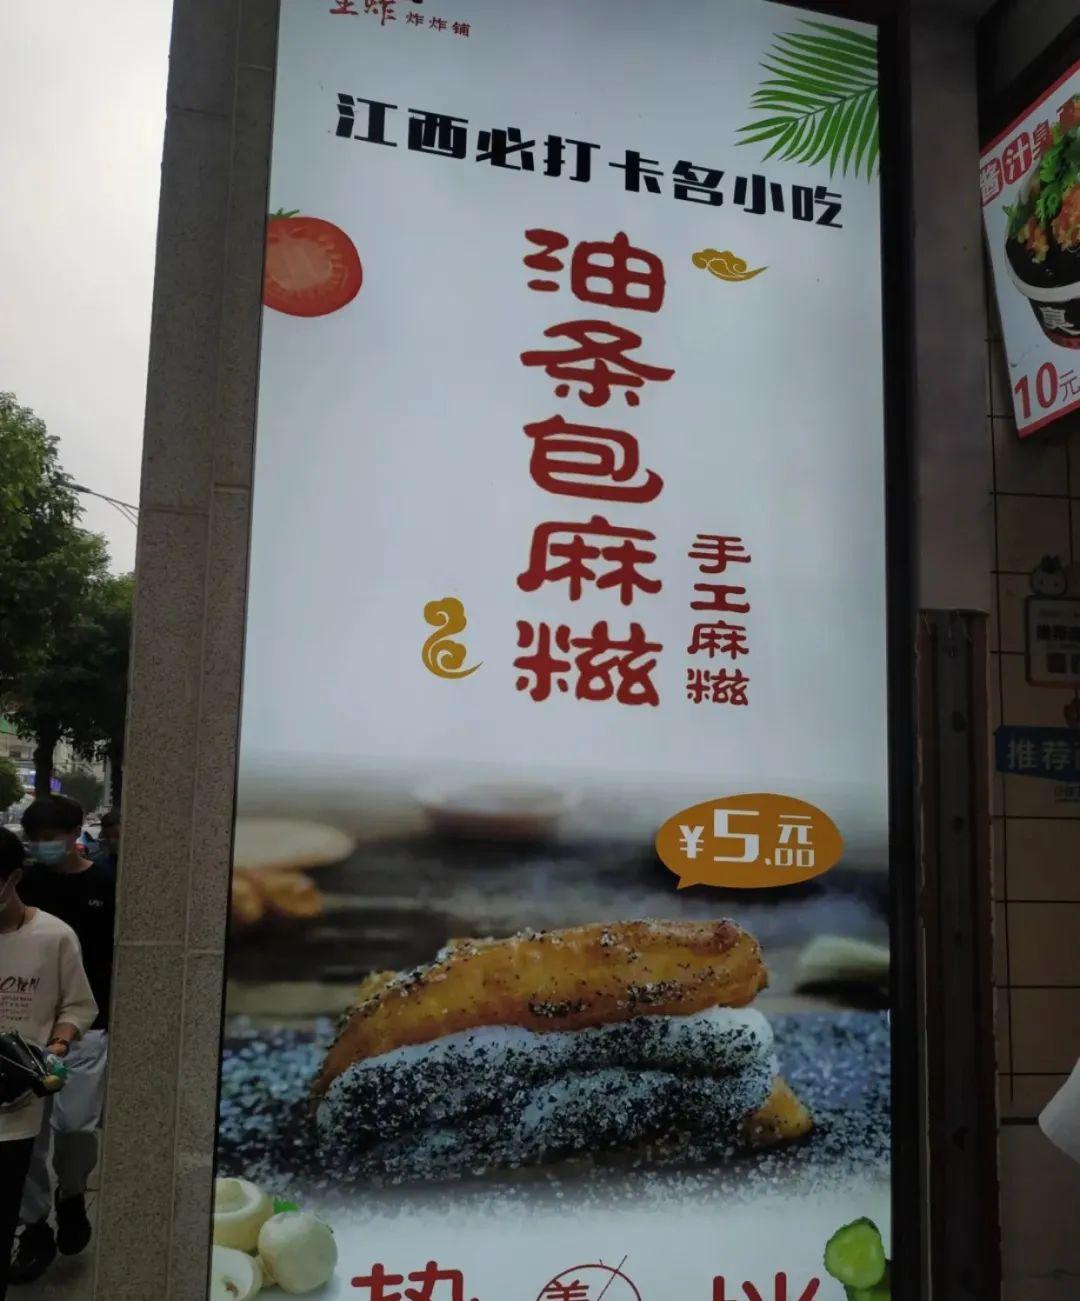 江西碳水炸弹:油条包麻糍撒芝麻花生糖